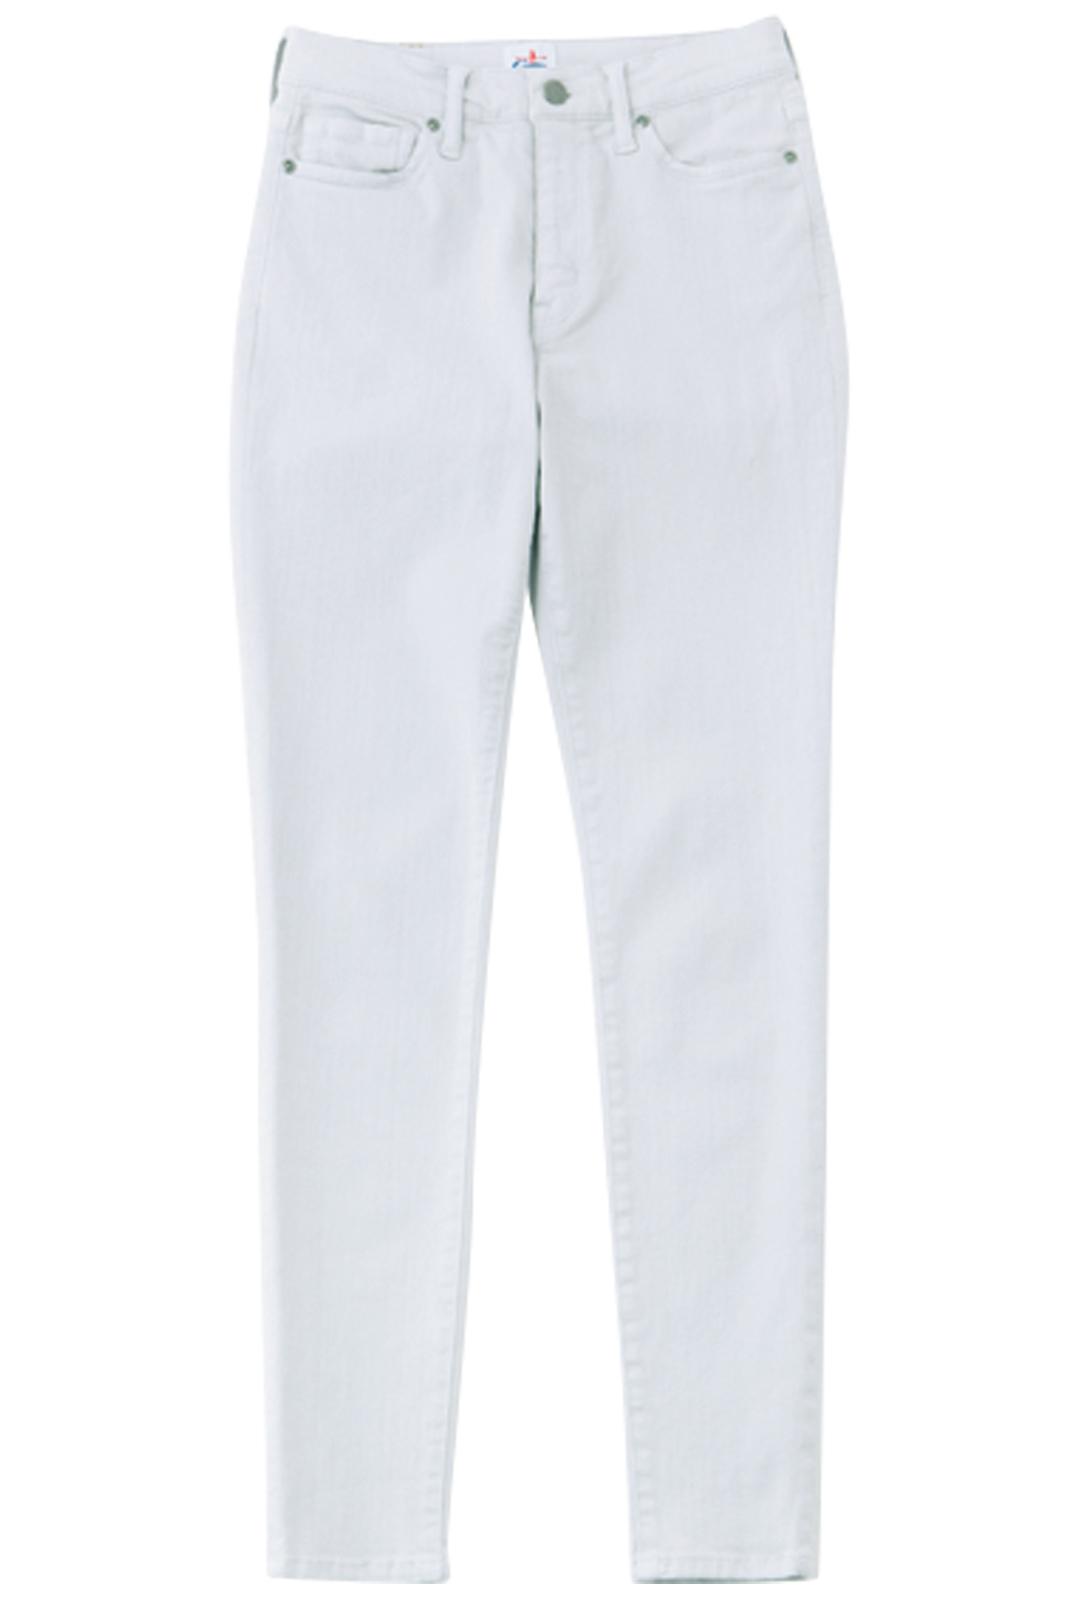 90年代に一世を風靡した美脚パンツのシマロンがデニムで復活! _1_3